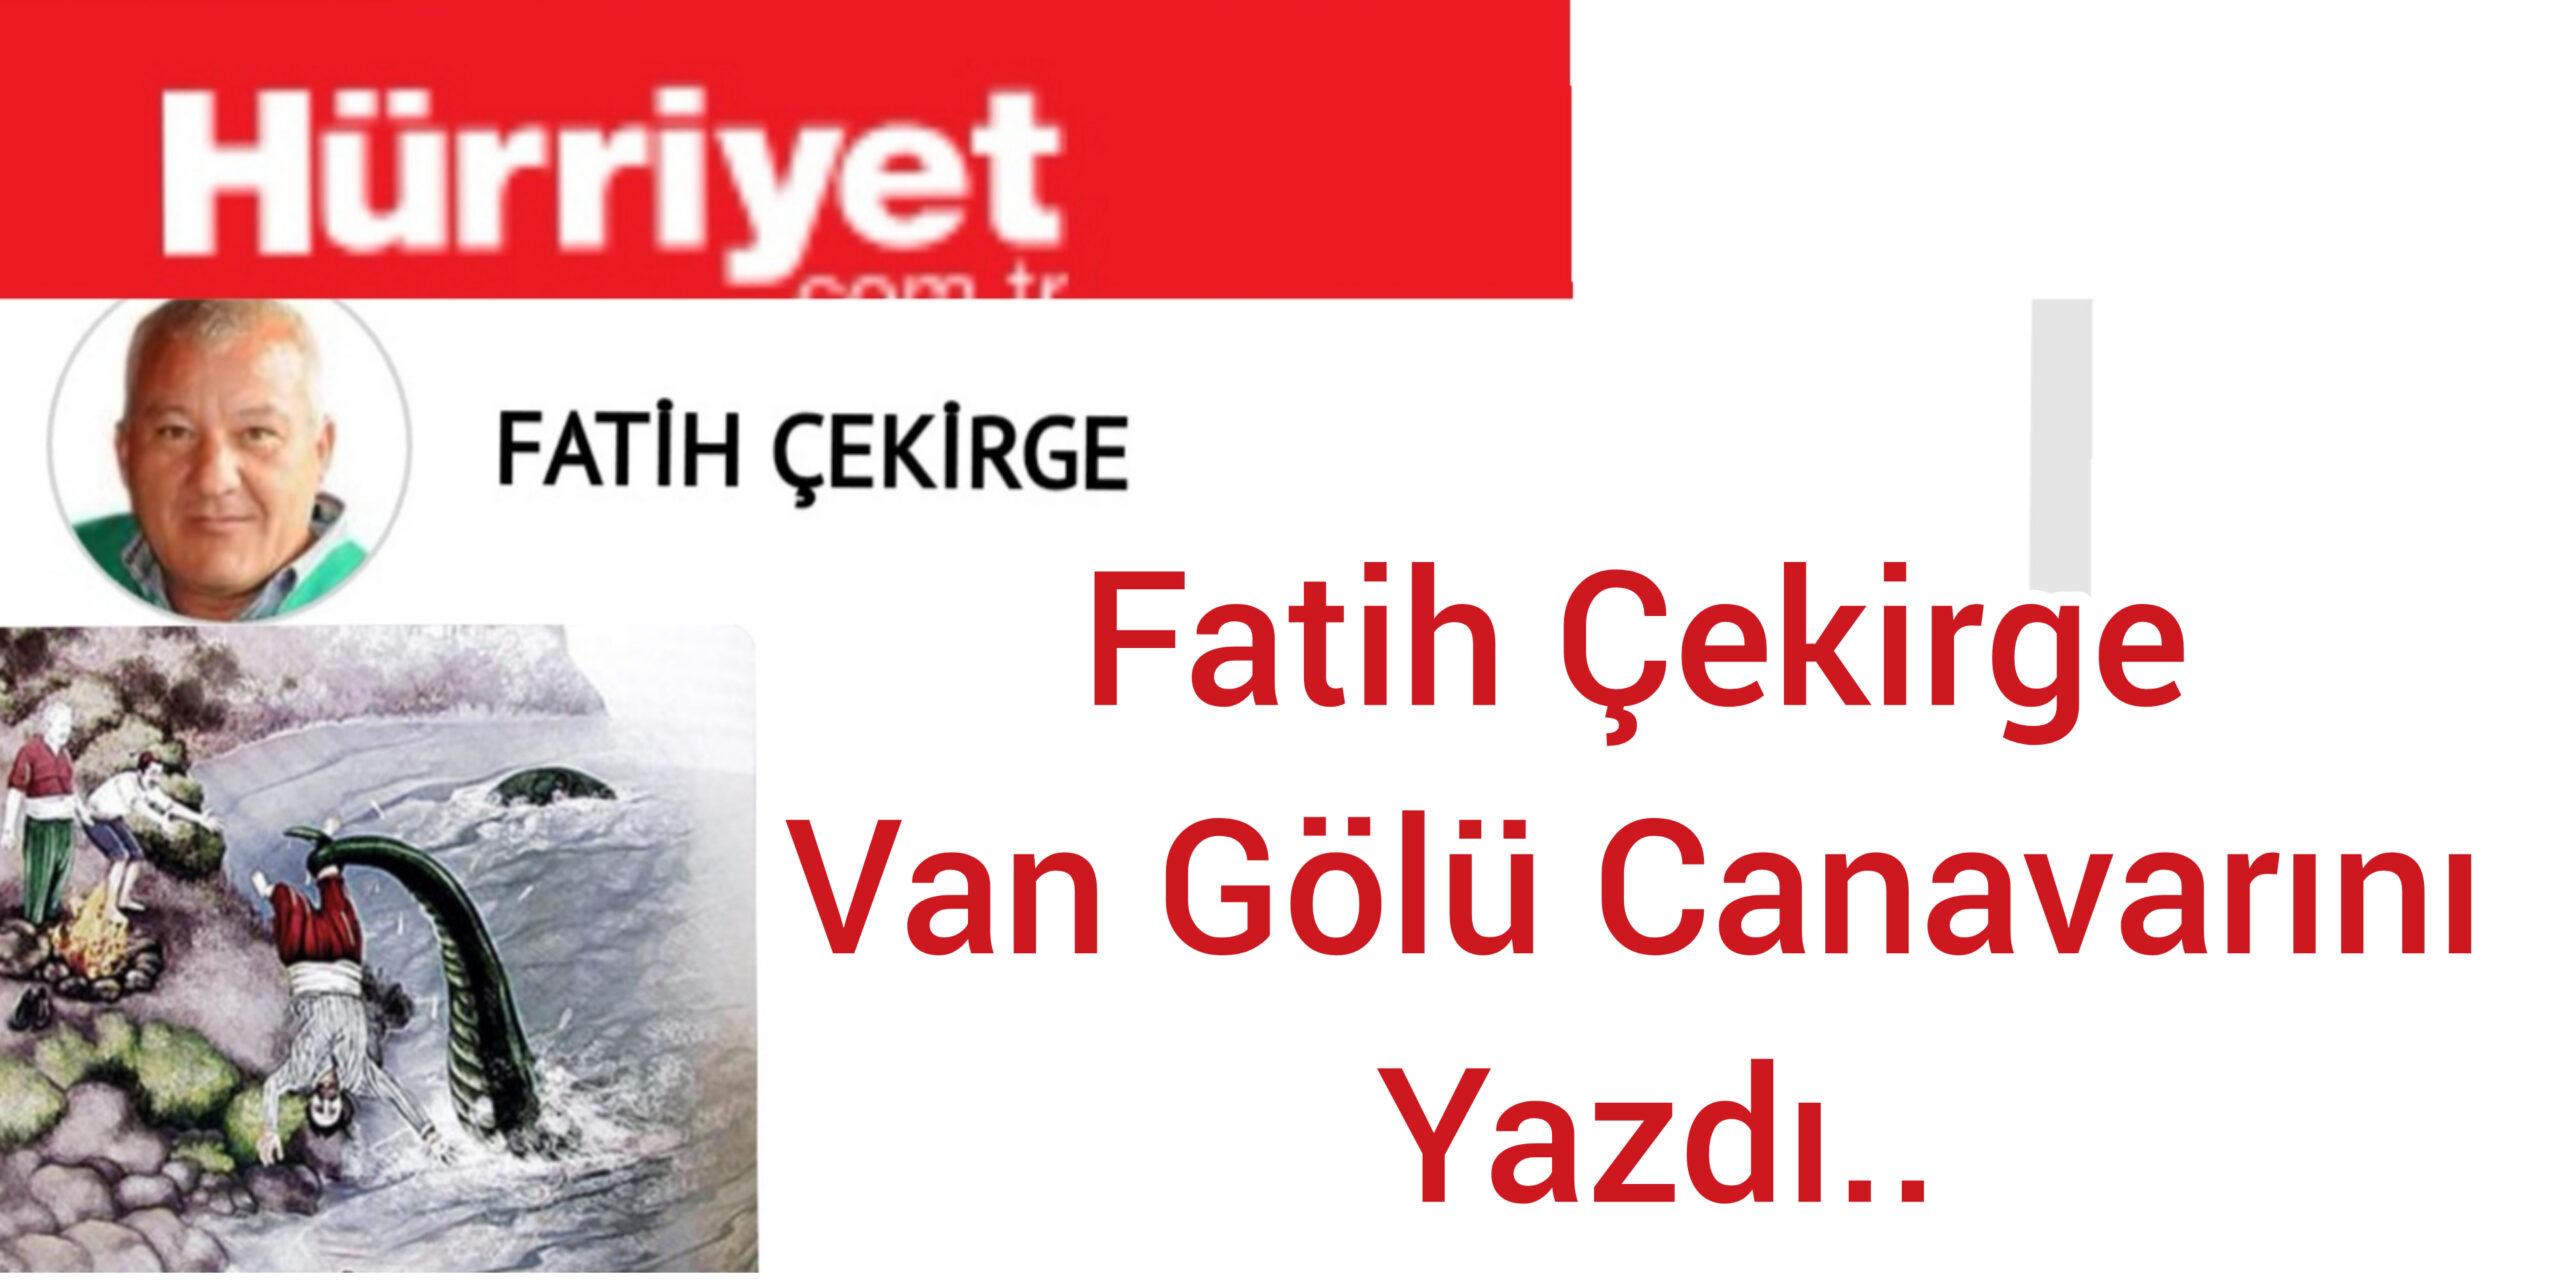 Hürriyet'ten Fatih Çekirge Vangölü Canavarını Yazdı